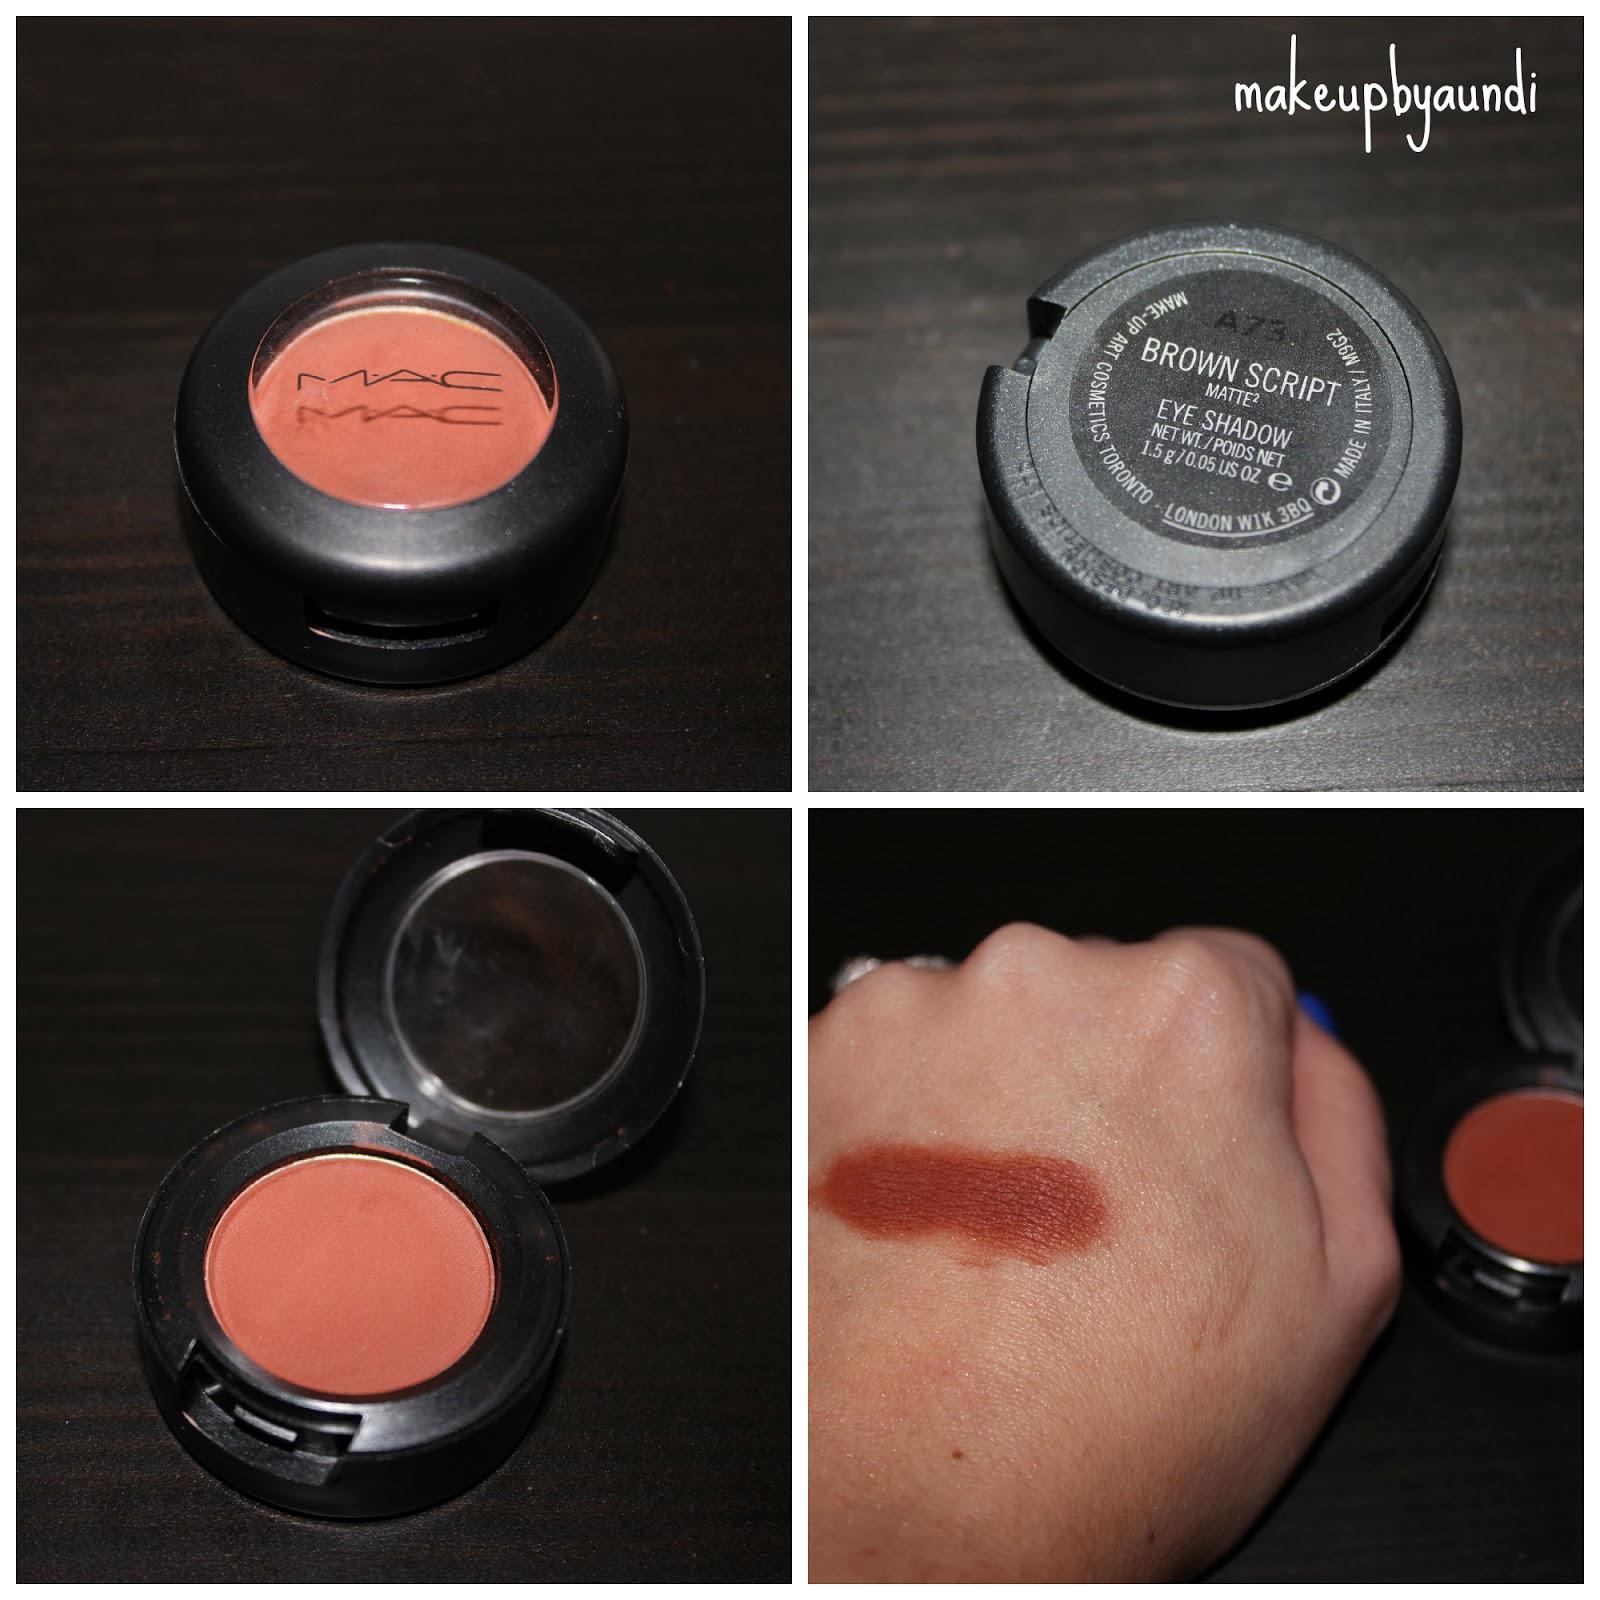 MakeupByAundi: March 2014